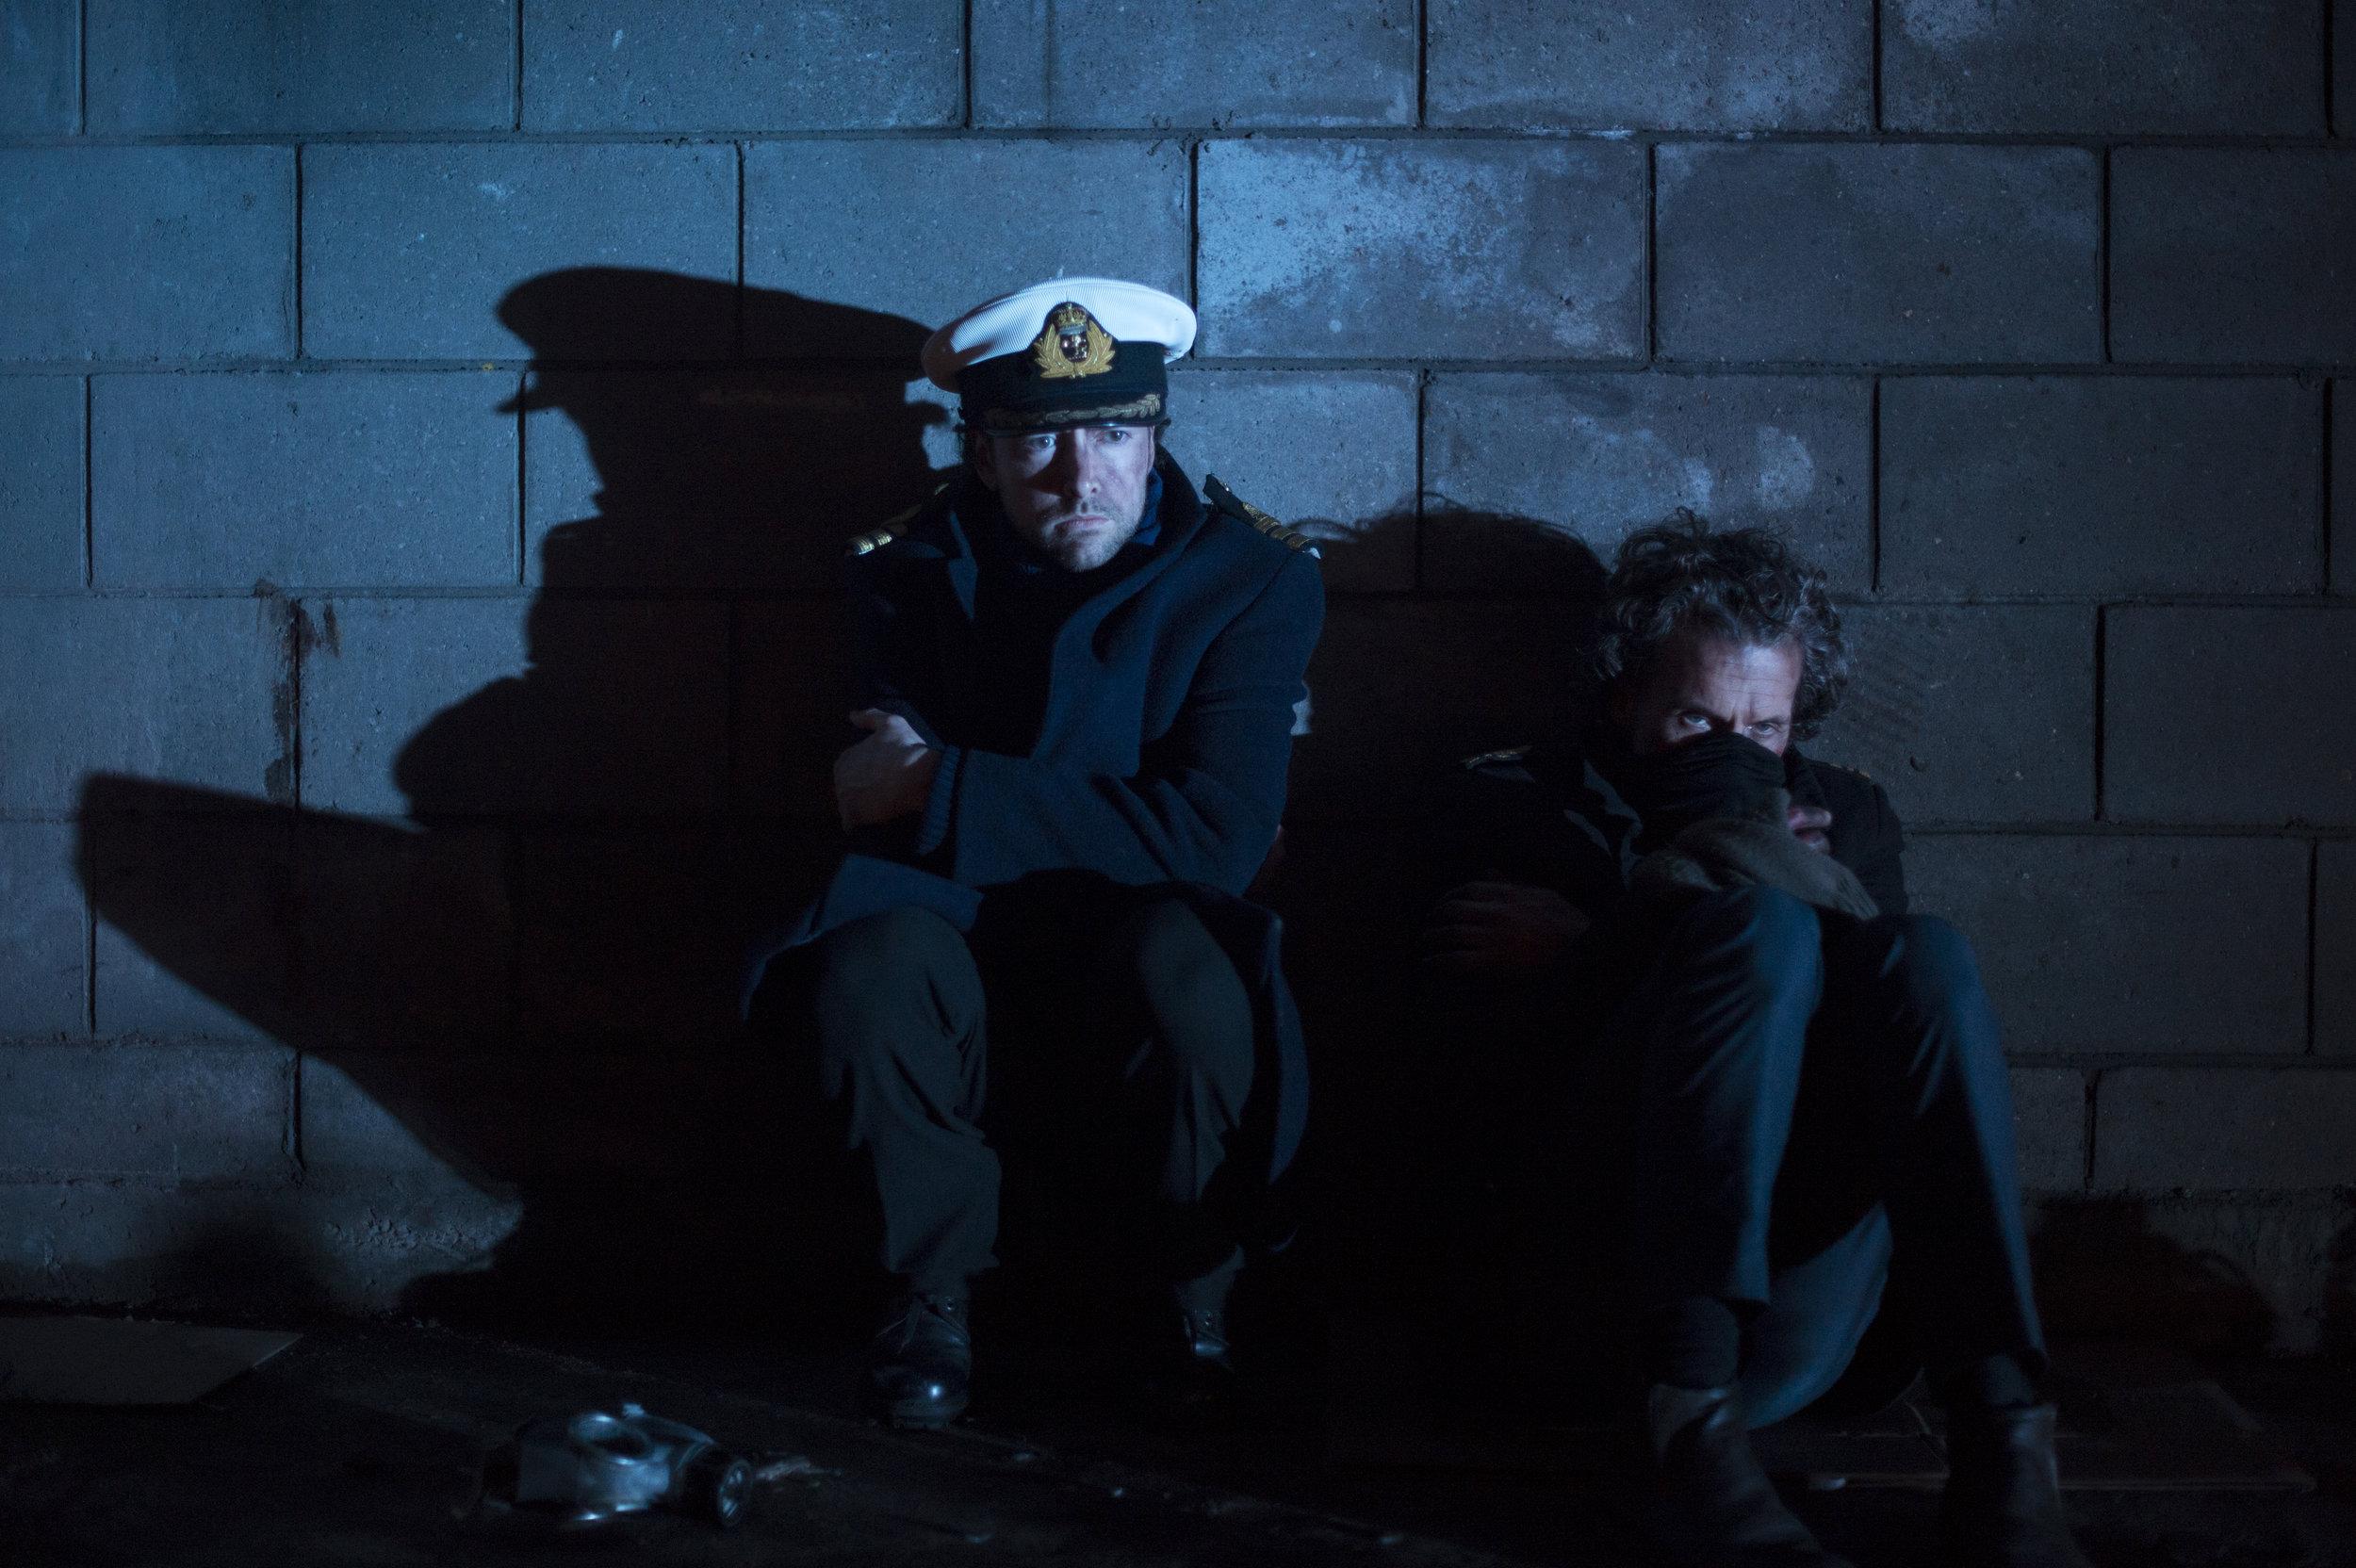 Pendell (James Heatlie) and Harris (Darren Jelley)